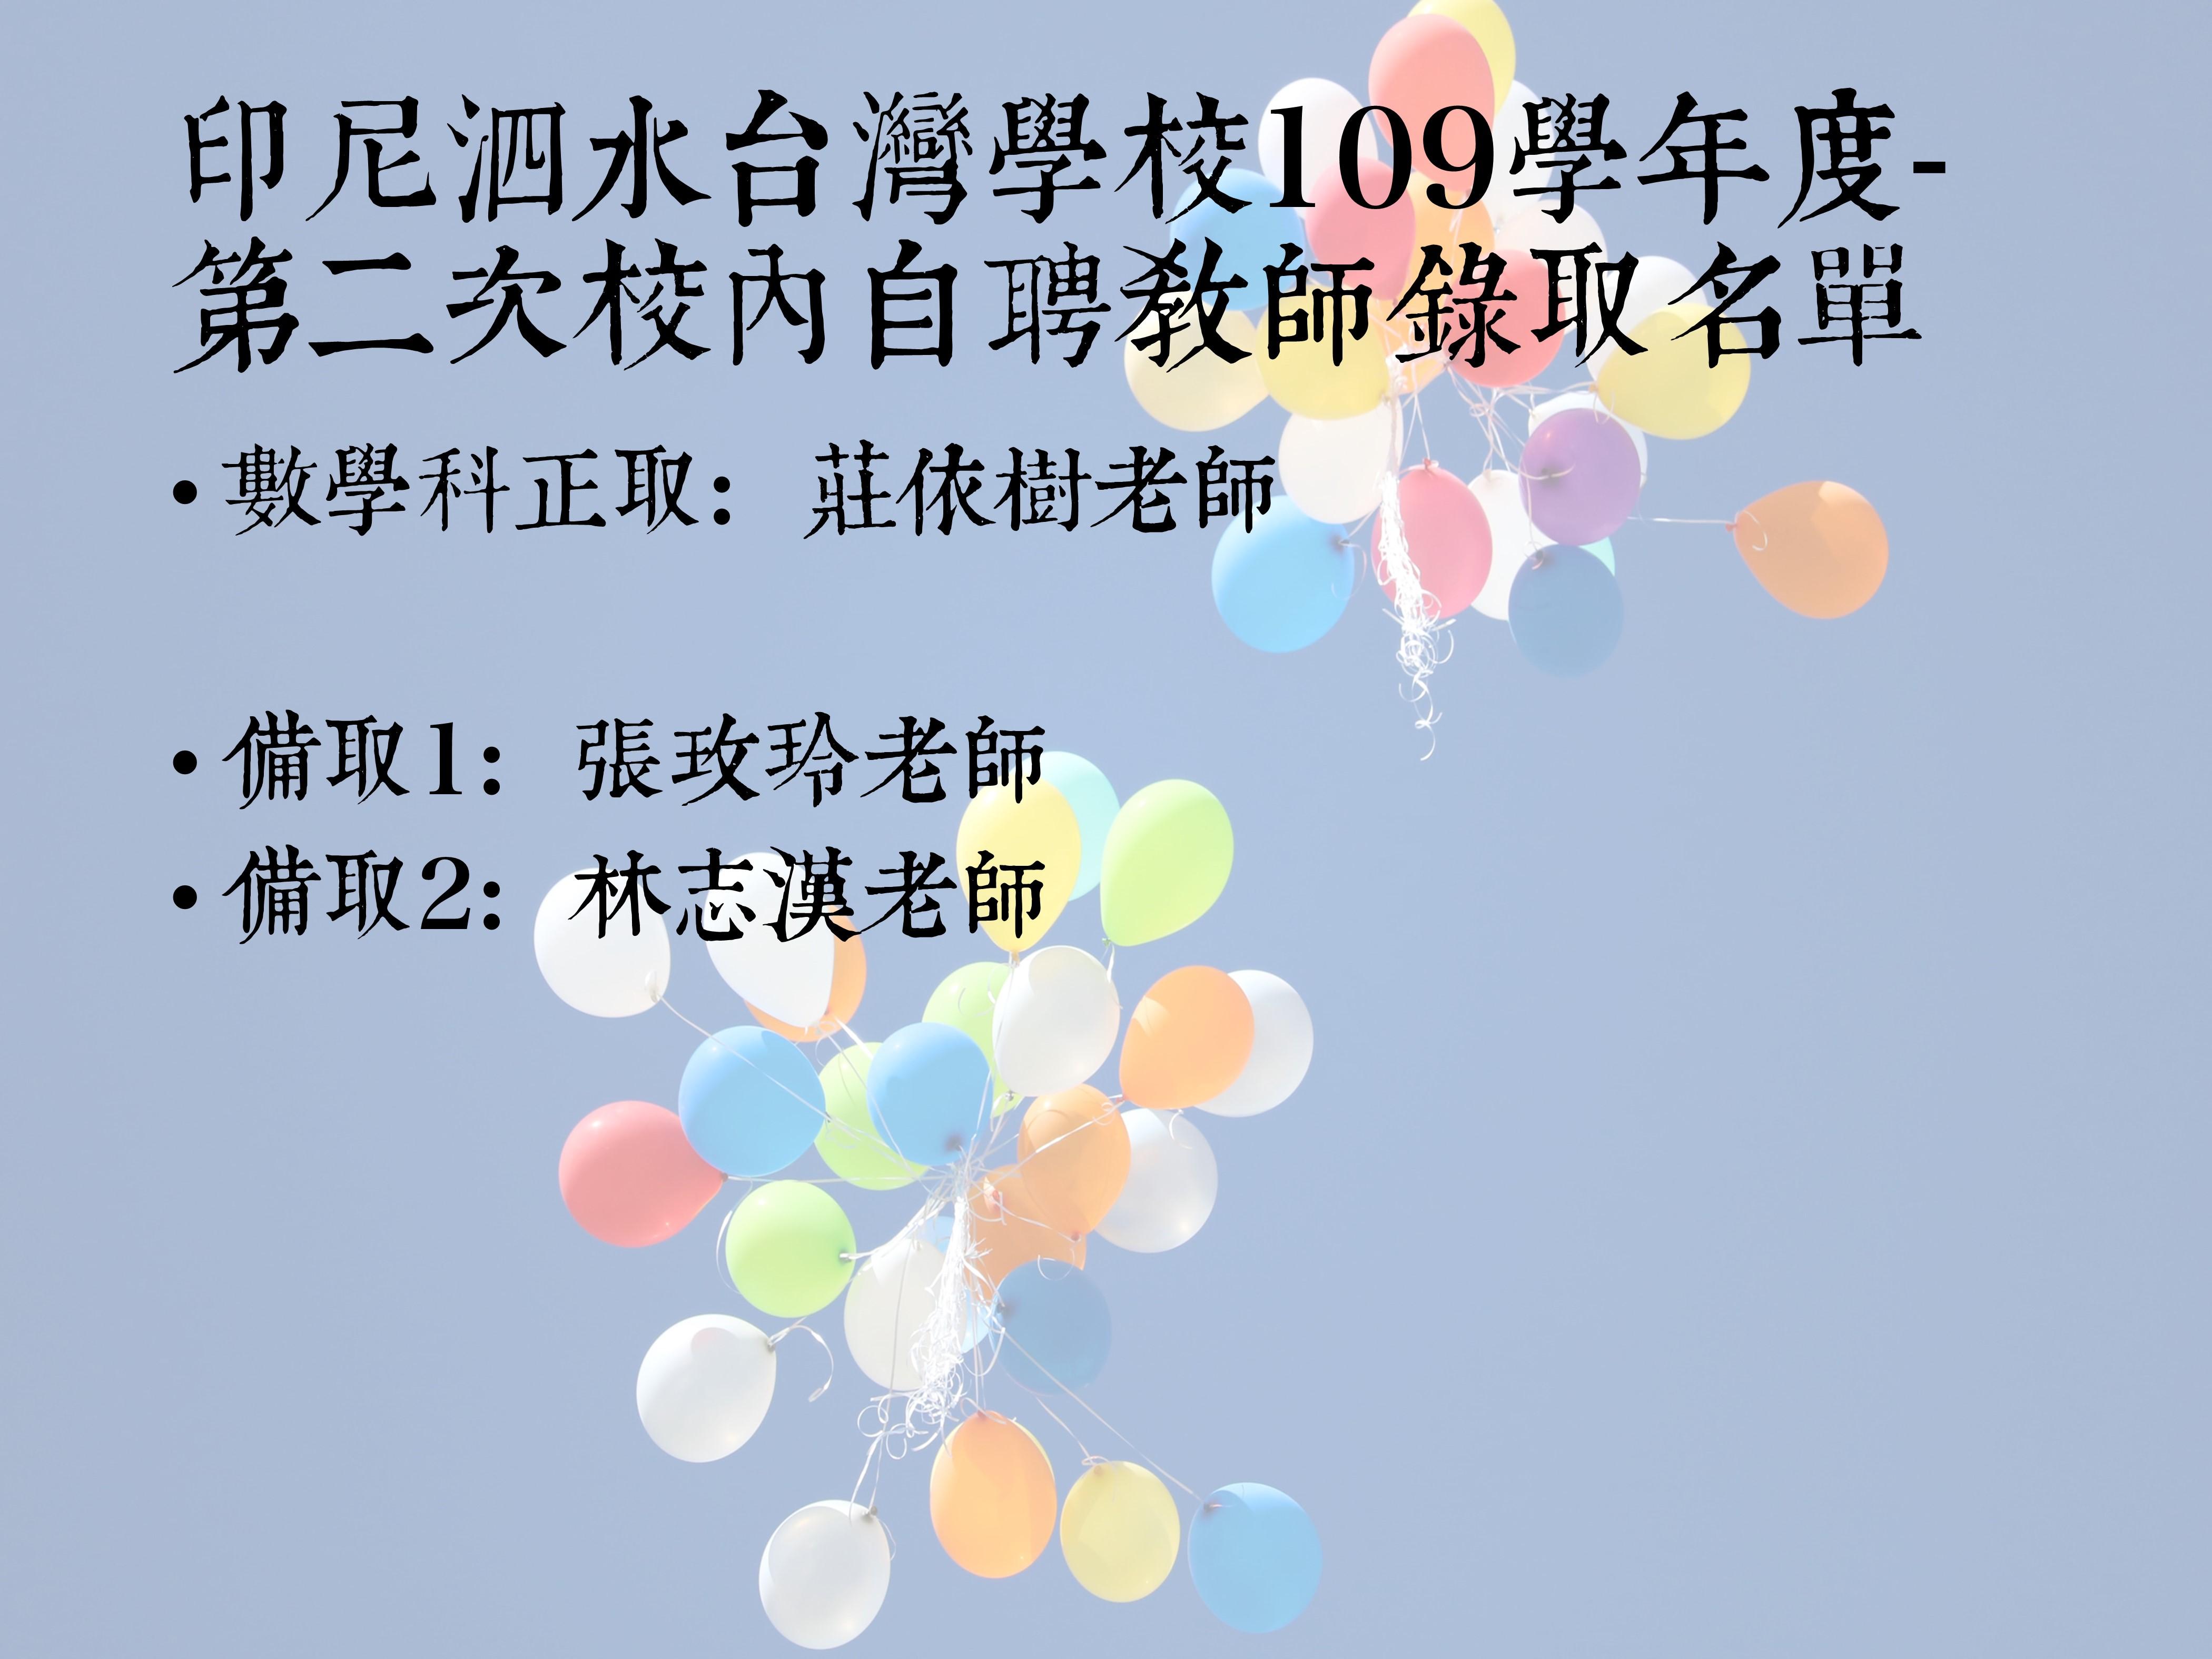 印尼泗水台灣學校109學年度-第二次校內自聘教師錄取名單-數學科